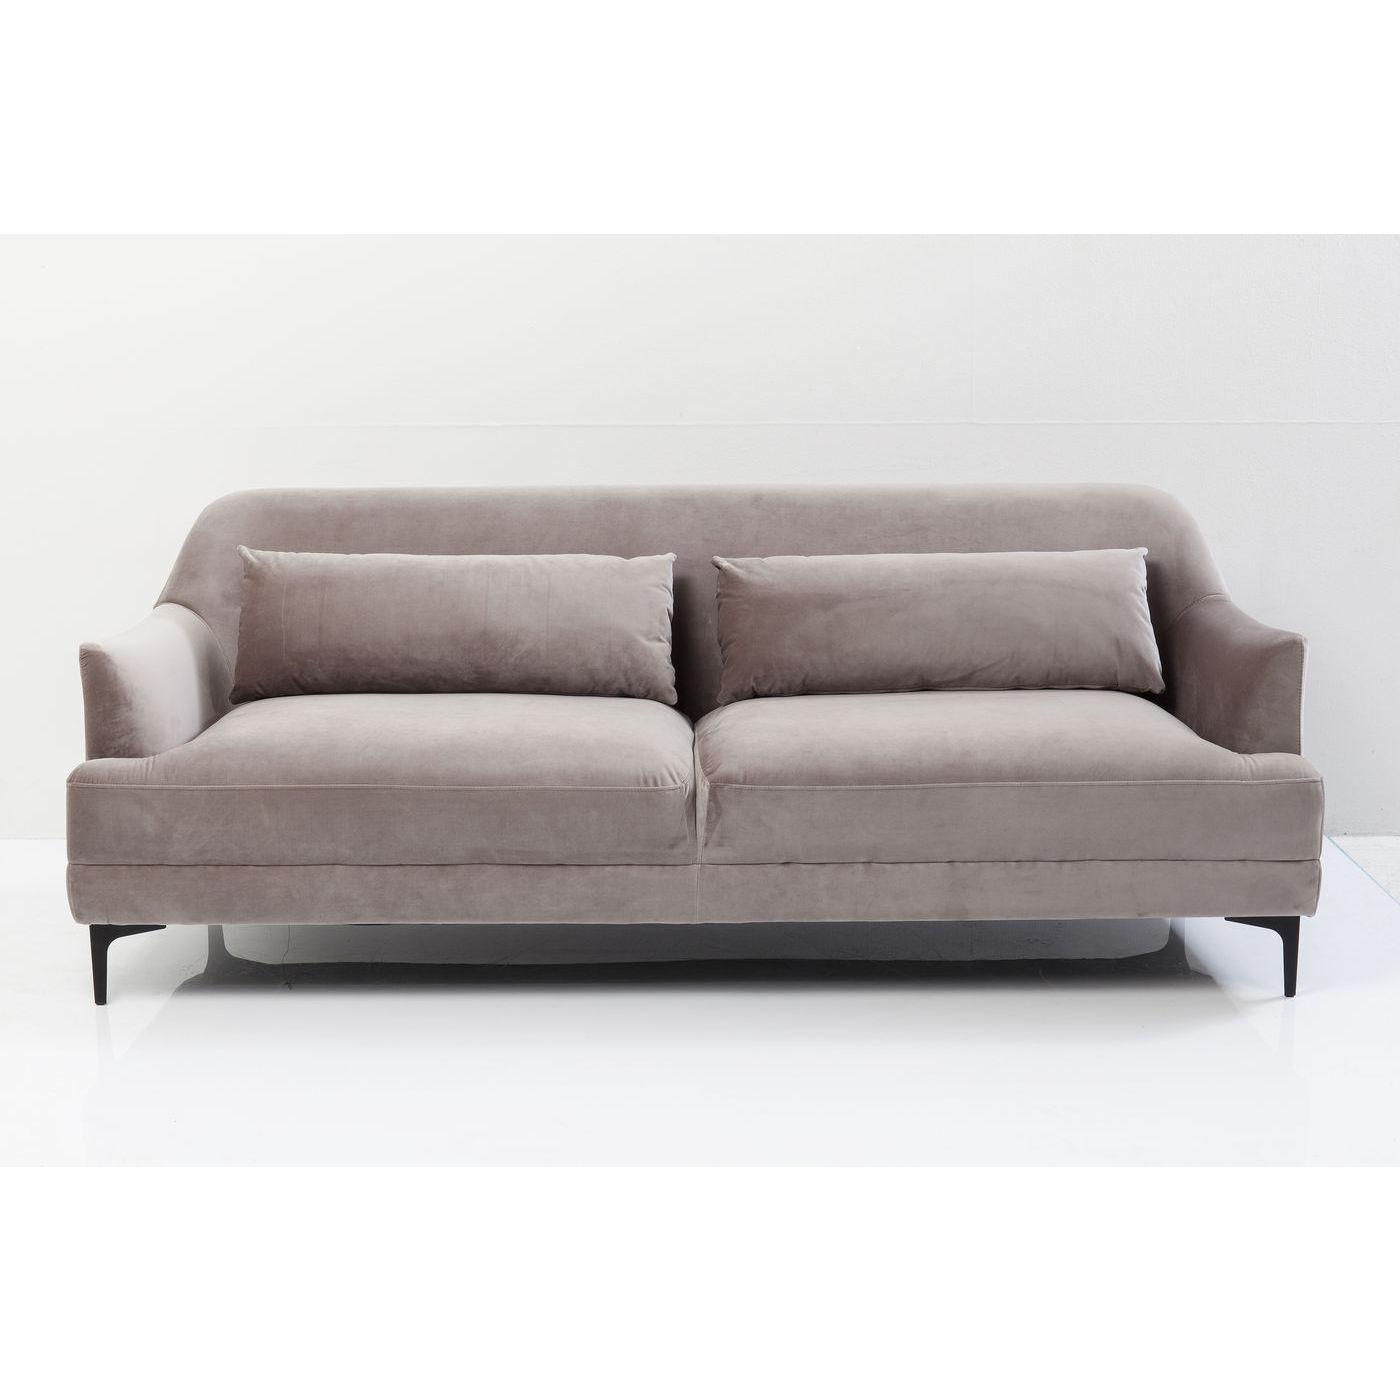 kare design Kare design proud grey 3-personers sofa - gråt stof/stål fra boboonline.dk